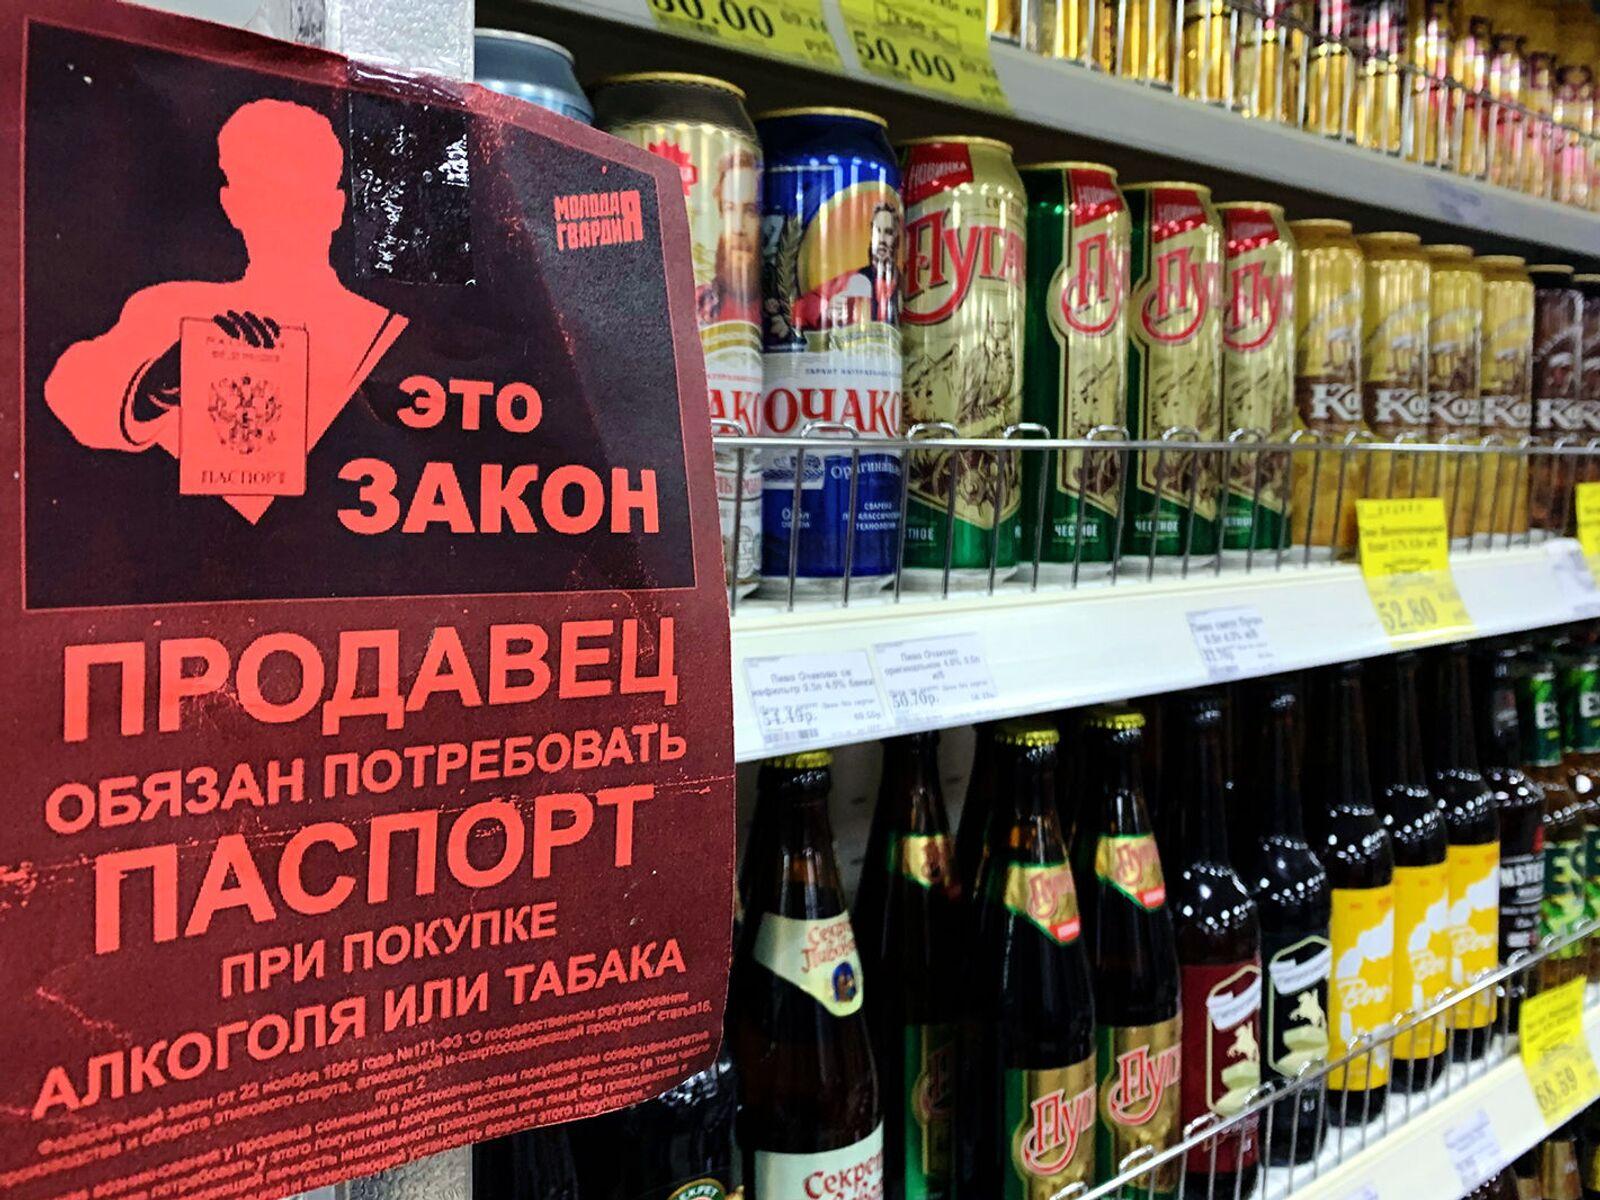 продажа табачный изделий закон